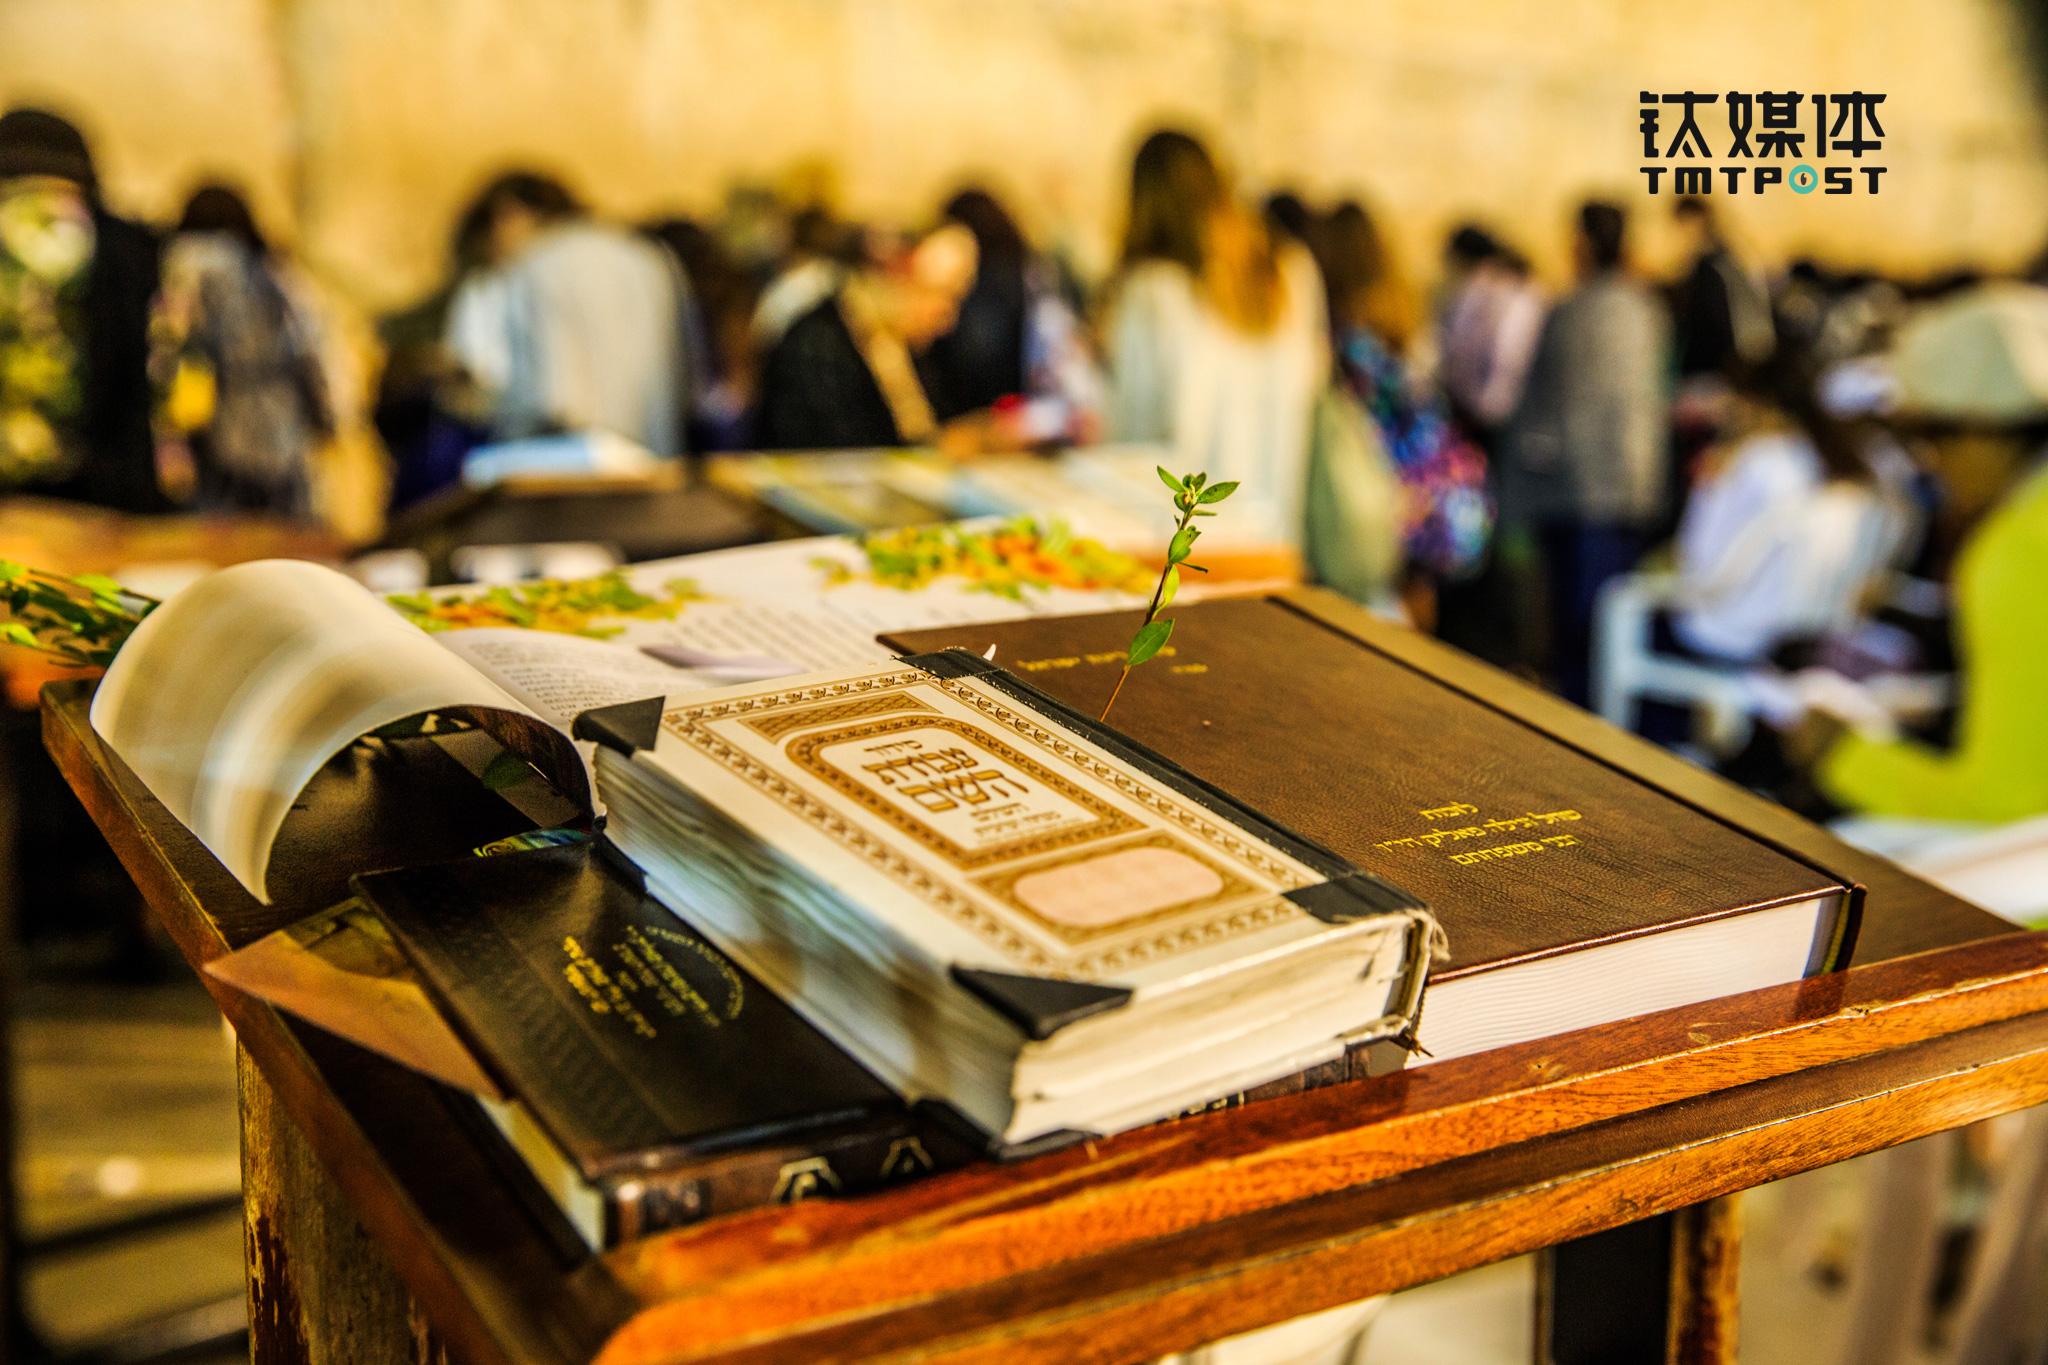 在哭墙的案板上,一本本希伯来文犹太圣经被摆放在案台上,提供给前来祈祷的犹太信徒使用。它们凝结了众多犹太信徒的泪水,也凝结了犹太民族的苦难。每一个犹太家庭都会在书架上摆放一本本圣经,并收藏各种对圣经智慧的注解书籍。这个国家的文化与精神都注入在这一本教义之中。(图/朱玲玉)